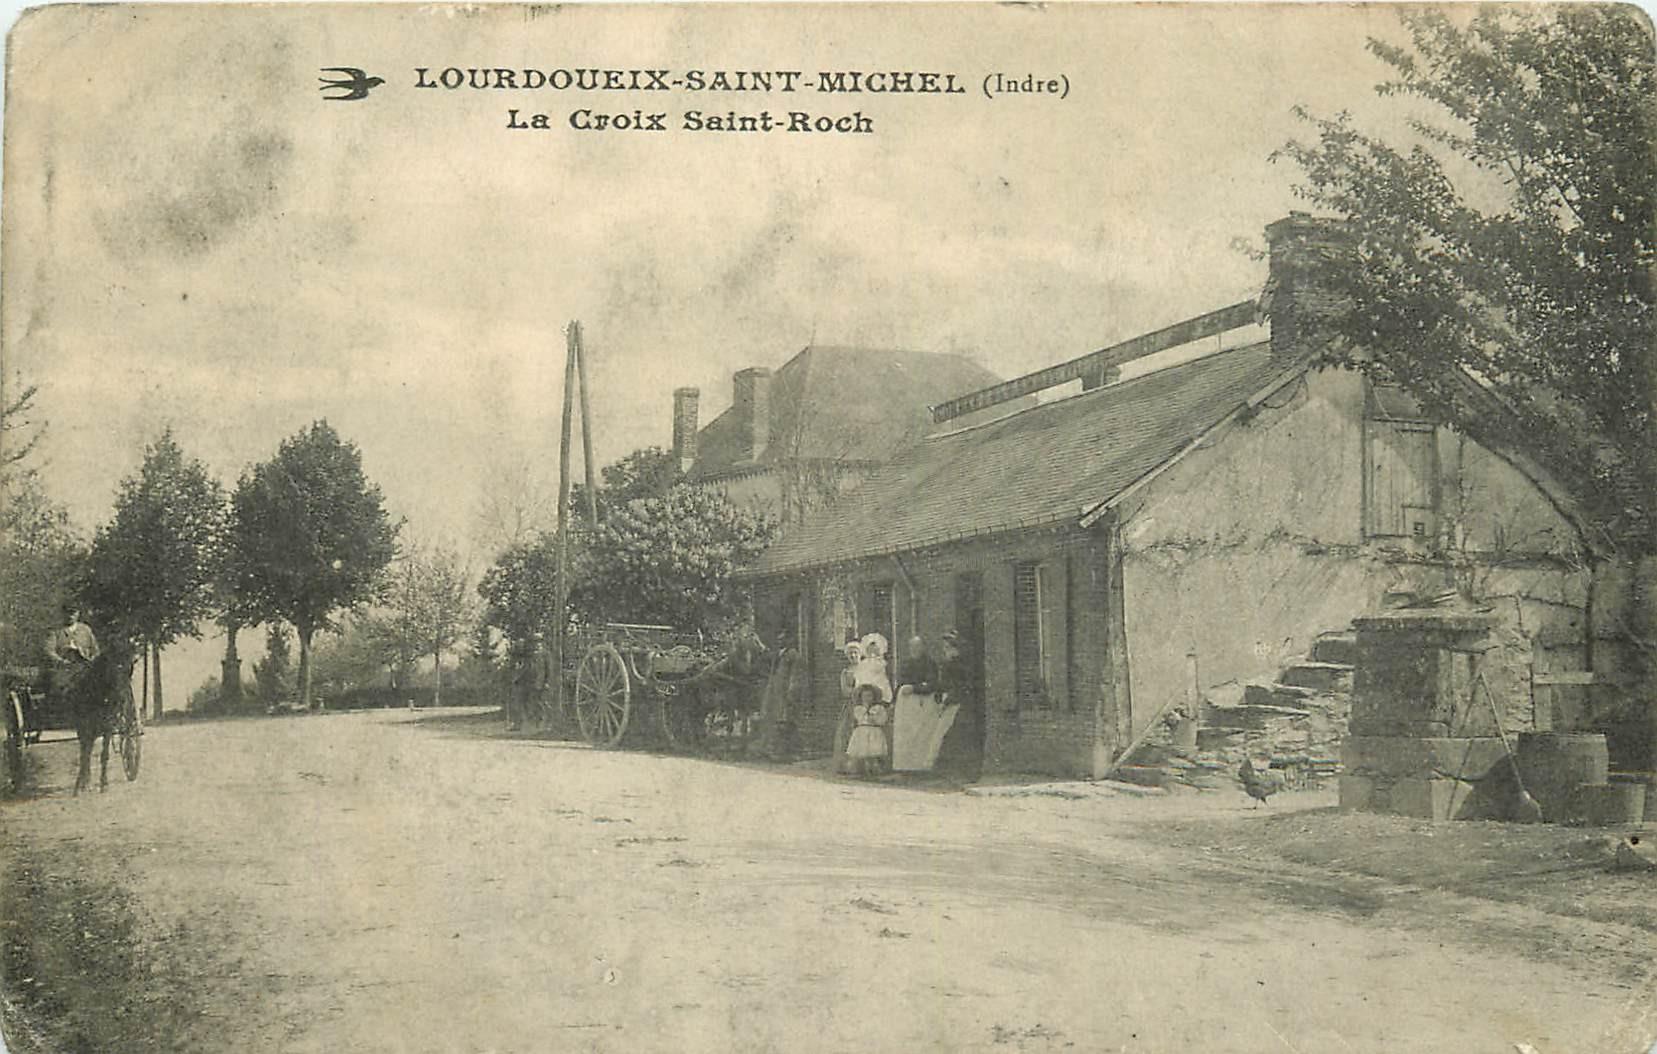 WW 36 LOURDOUEIX-SAINT-MICHEL. Ancienne station de Diligences Croix Saint-Roch